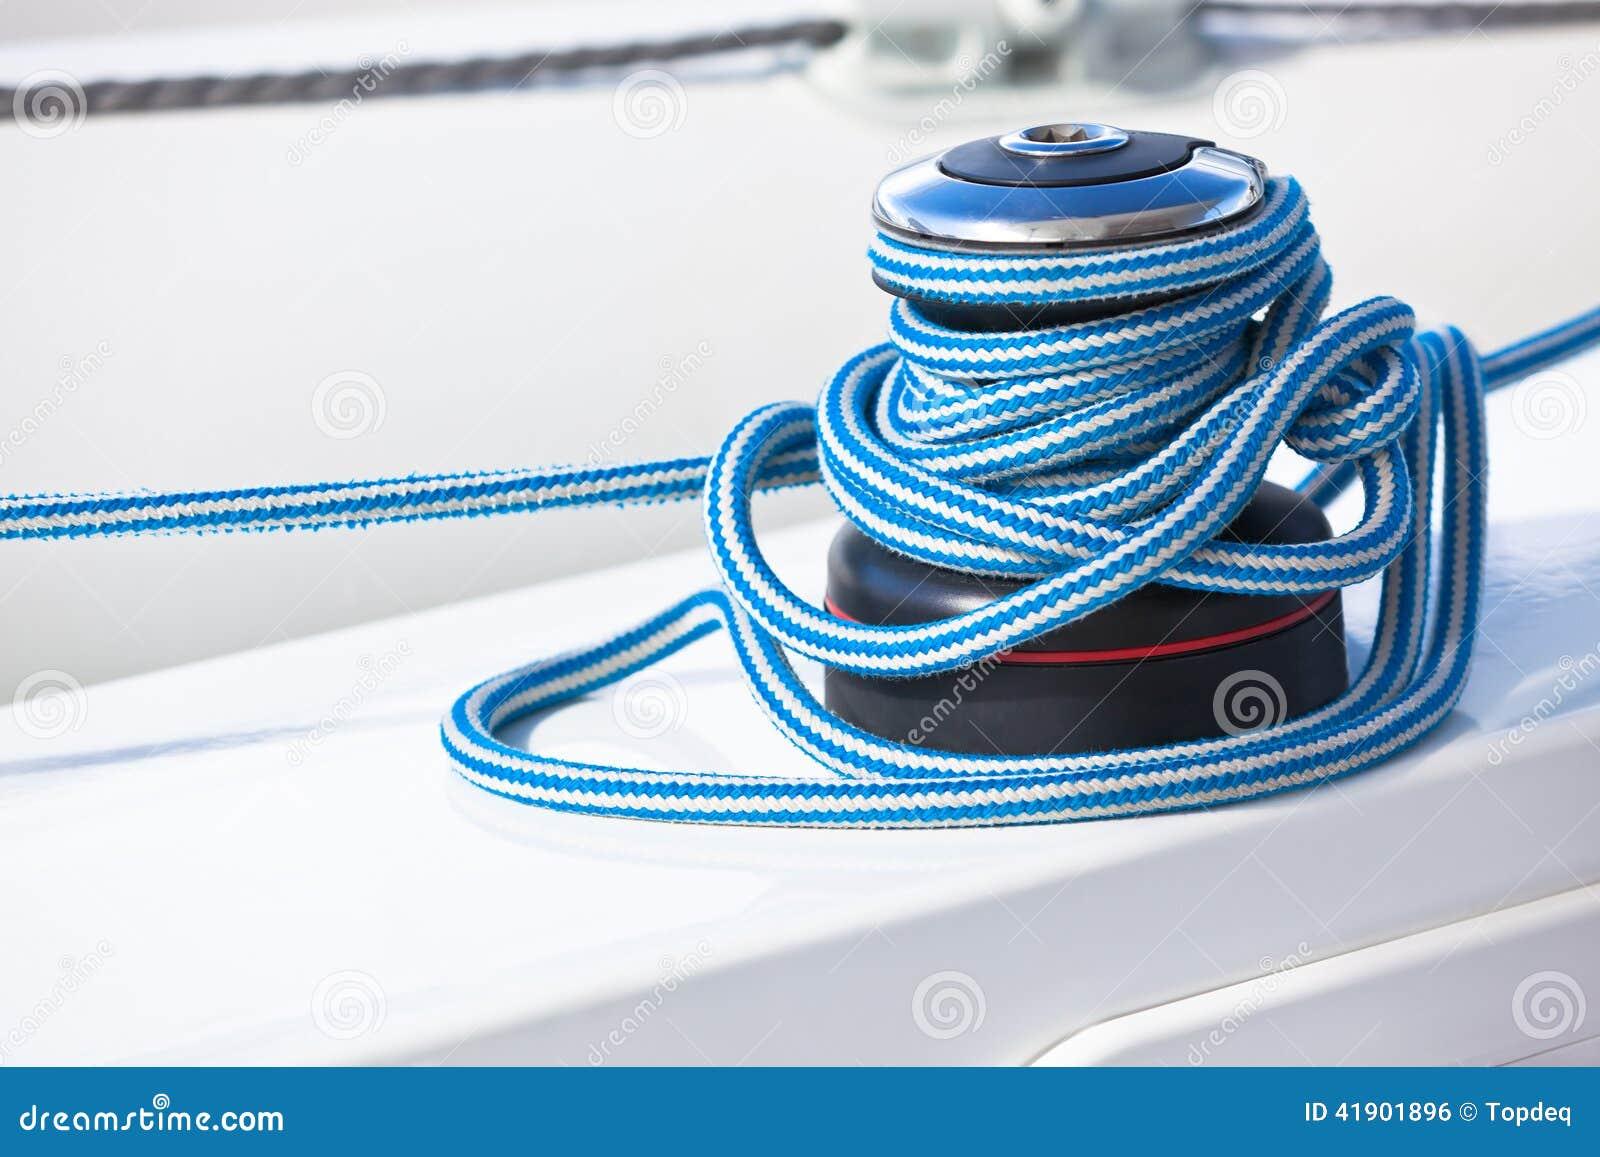 Torno y cuerda, detalle del yate